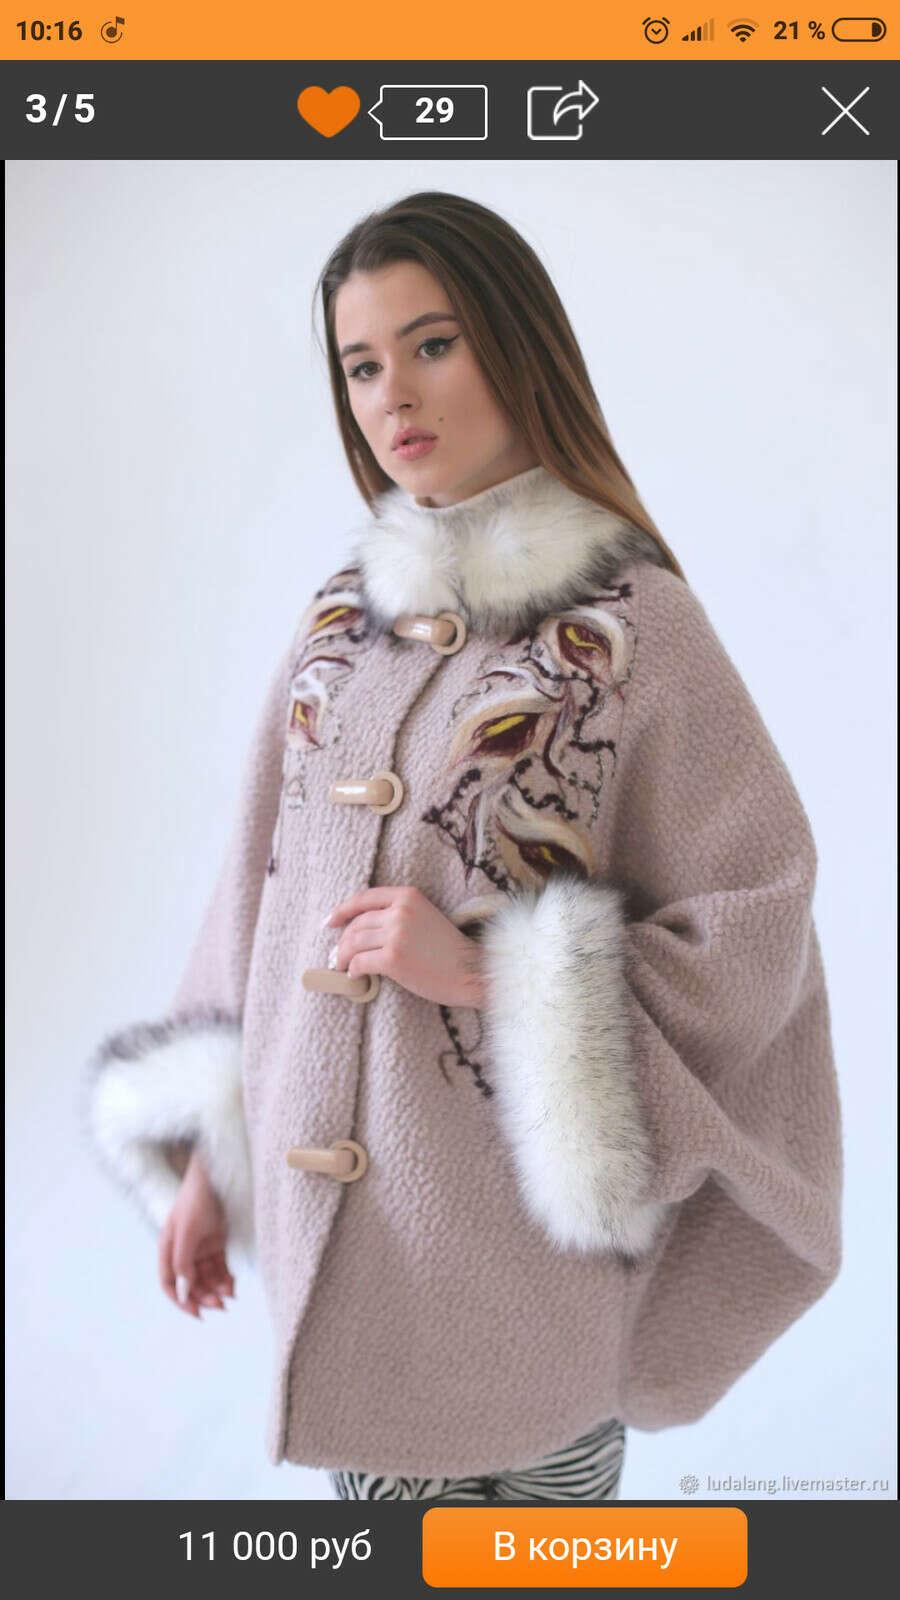 Манто или любое пальто из коллекции этого мастера